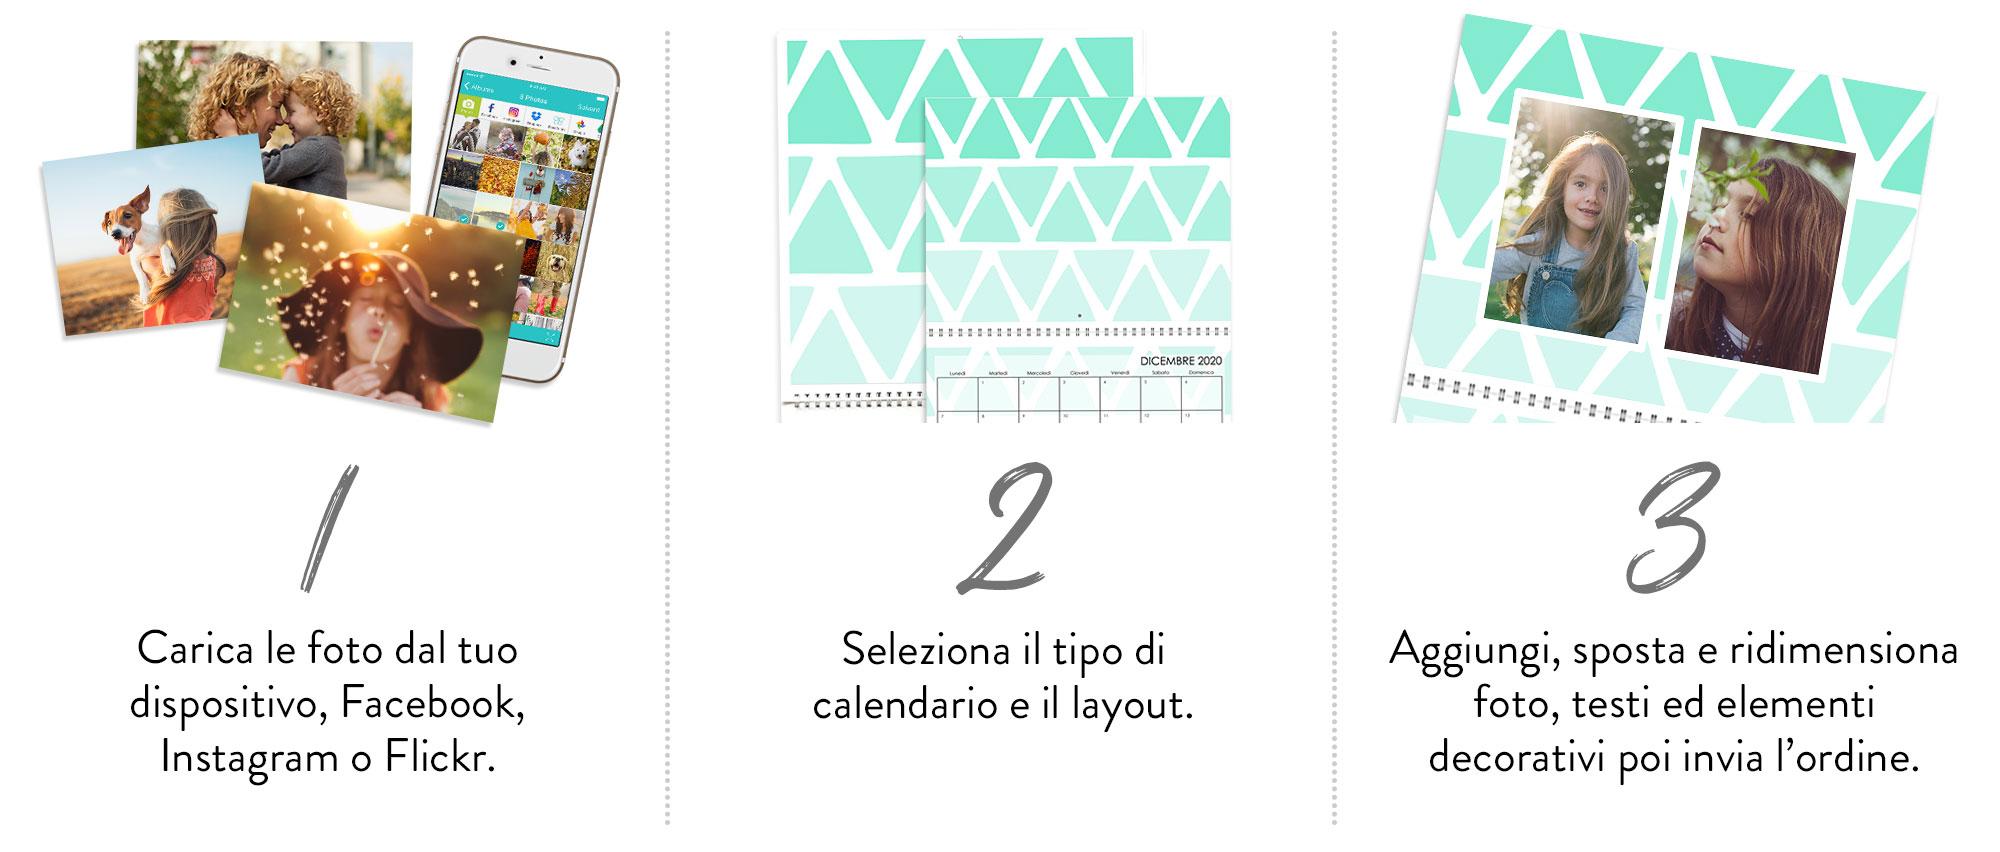 Il tuo foto calendario in 3 semplici passi